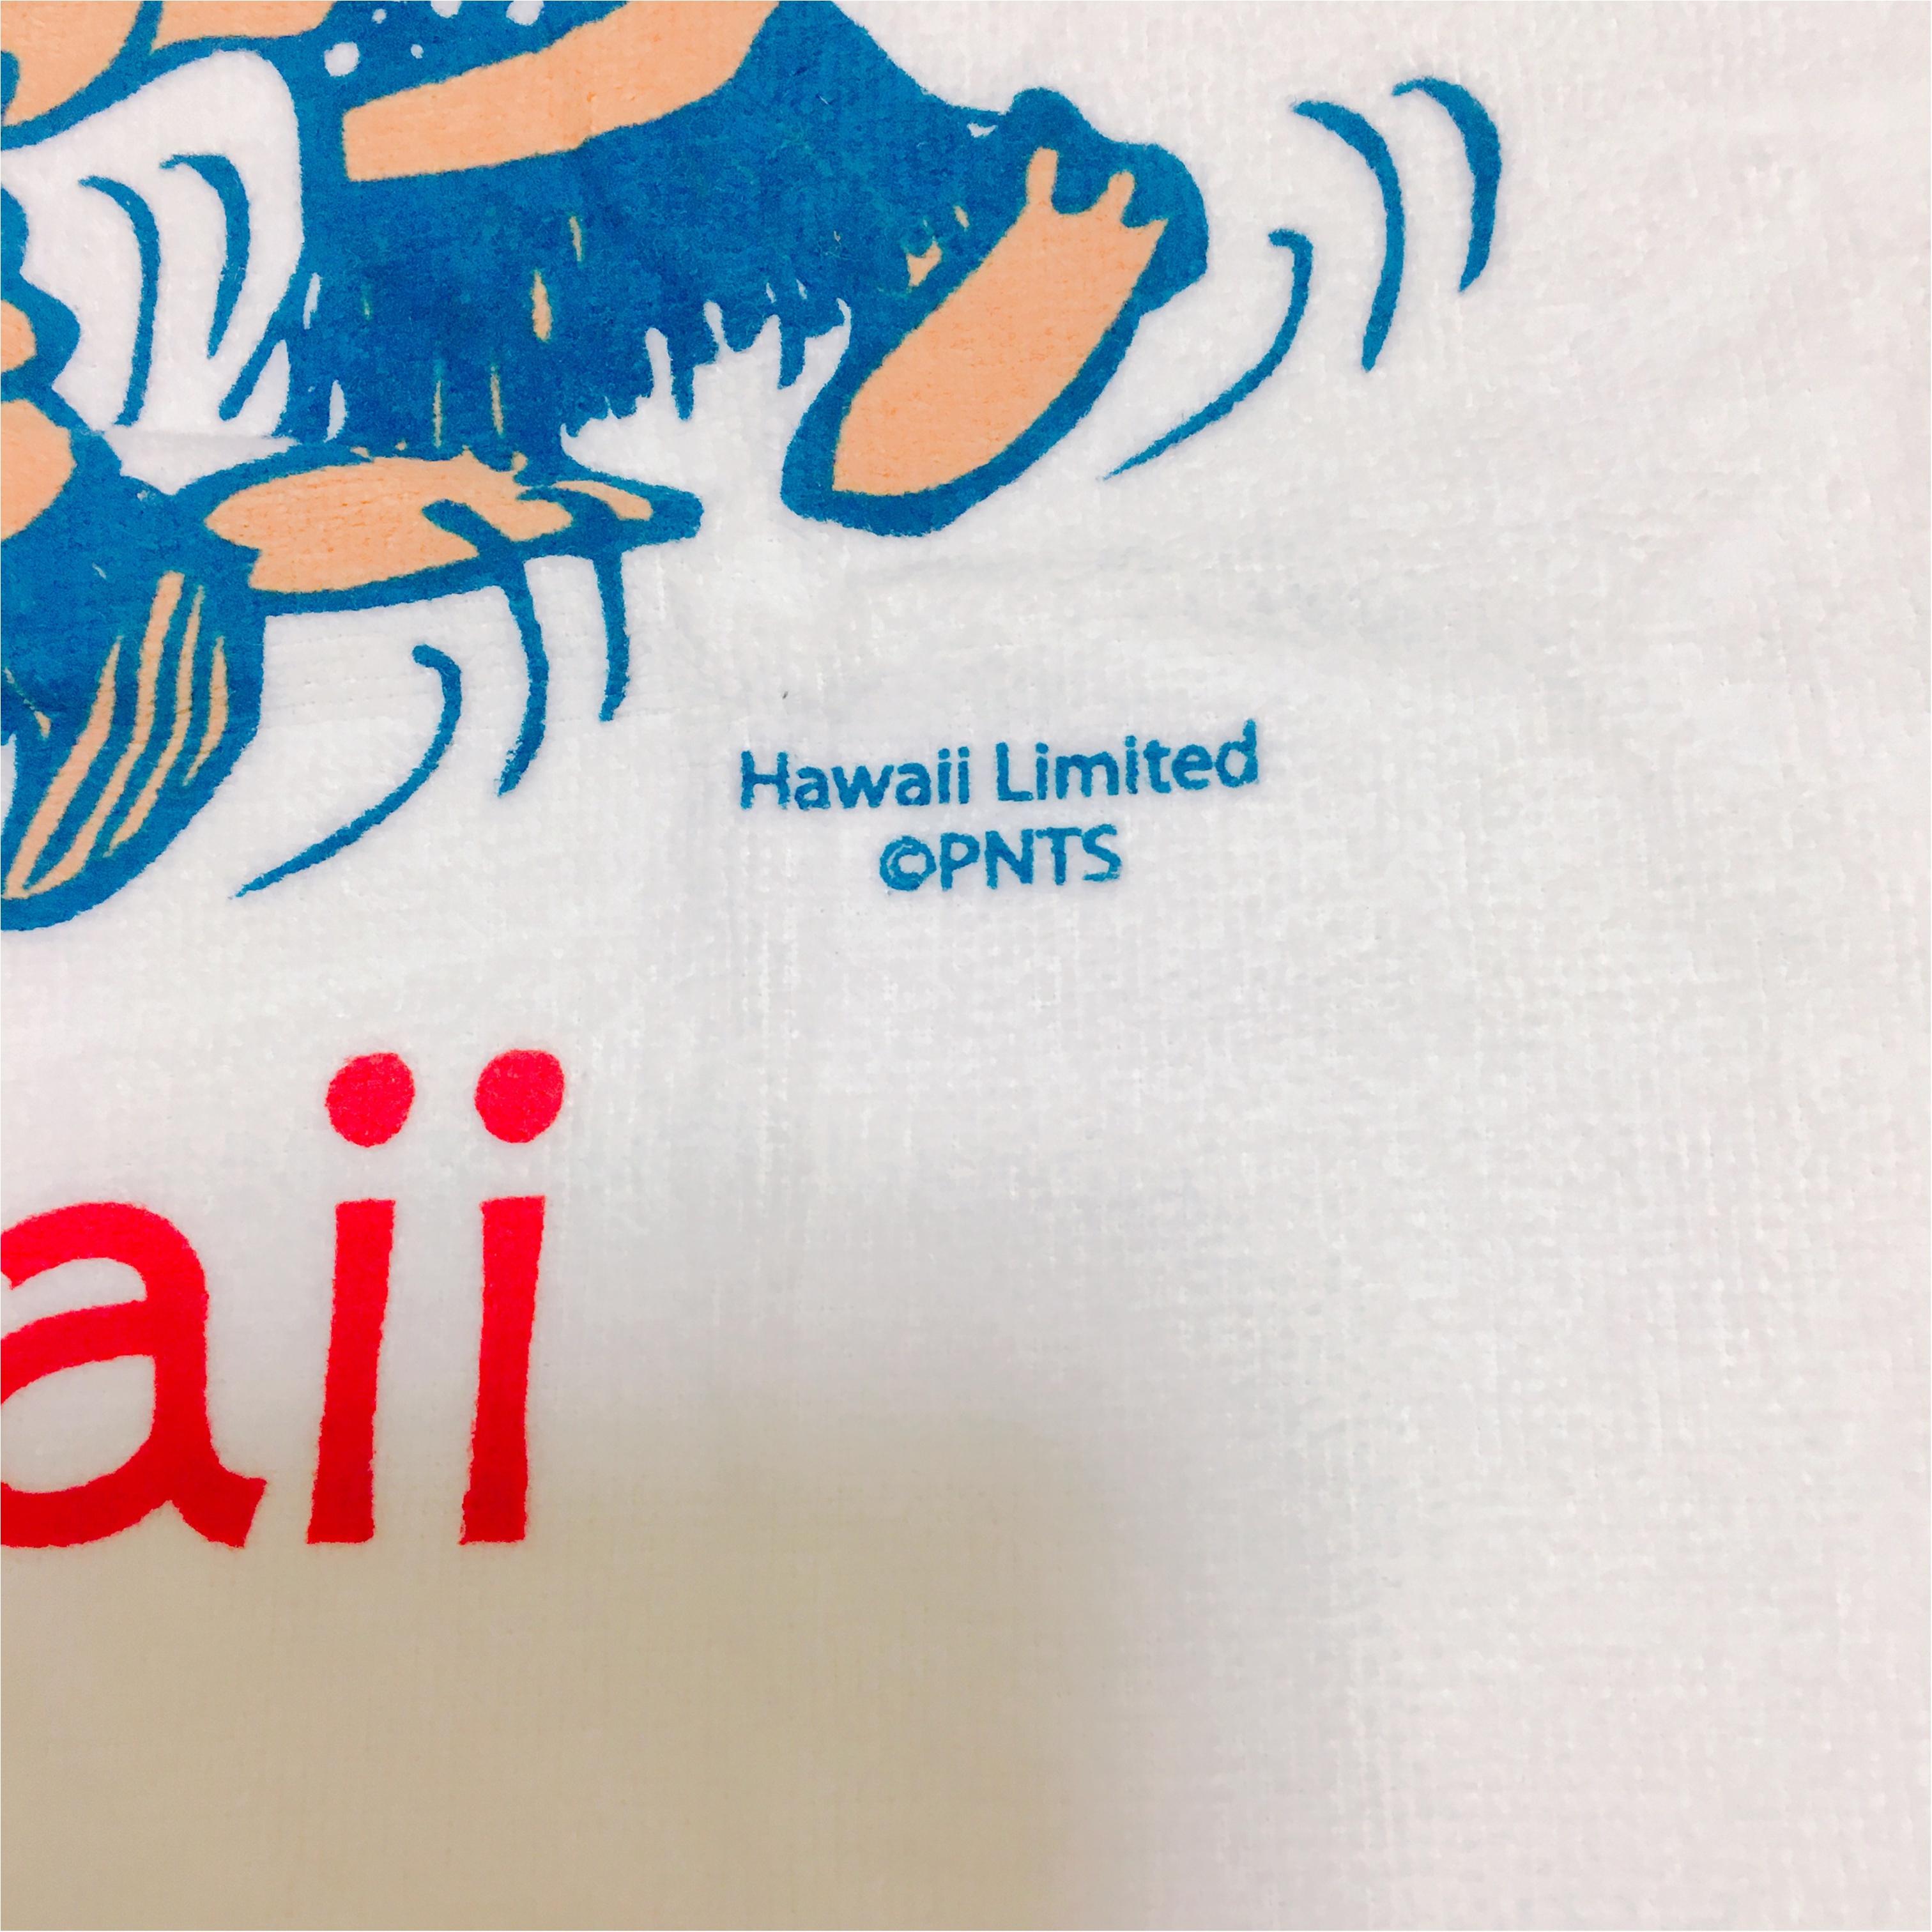 《スヌーピーまで日焼けしちゃった♡》ハワイ限定スヌーピーと日本でゲットする方法♡_4